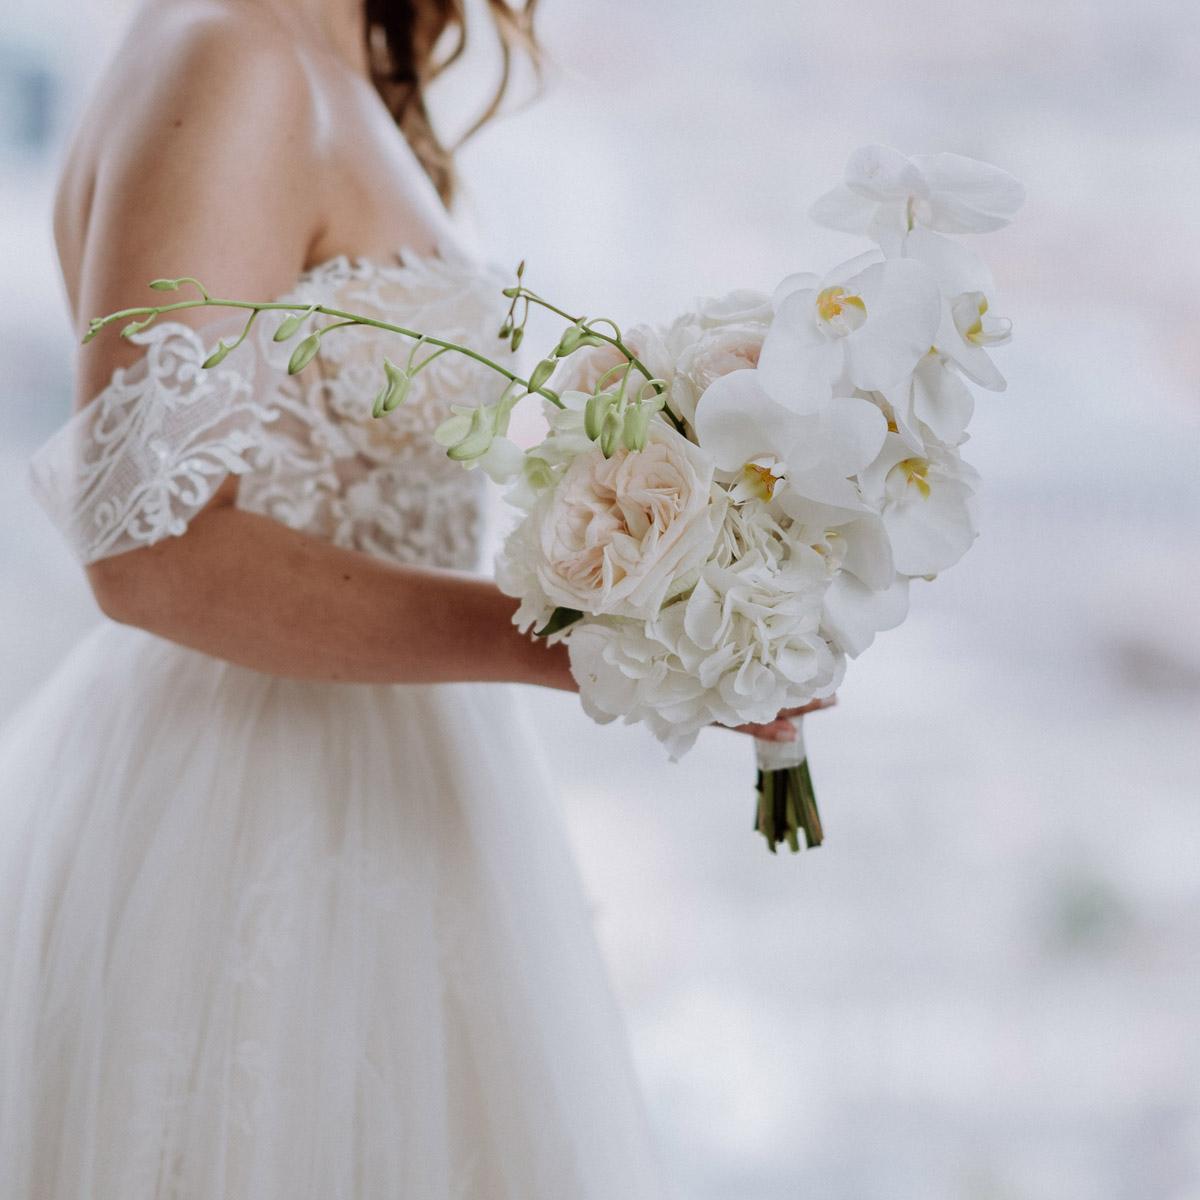 Mein edler runder Hochzeitsstrauß aus weißen Hortensien, Orchideen und englischen Rosen in Rosé wurde durch die langstieligen, grünen Hochzeitsblumen aufgelockert. Dieser weiße runde Brautstrauß passte perfekt zu unserer Hochzeit und meinem Brautkleid im Prinzessinen-Look. All unsere Hochzeitsblumen haben wir im All White Stil gehalten. Im Blog von #hochzeitslicht © www.hochzeitslicht.de gibt es mehr #hochzeitsfotos vom #bridebouquet